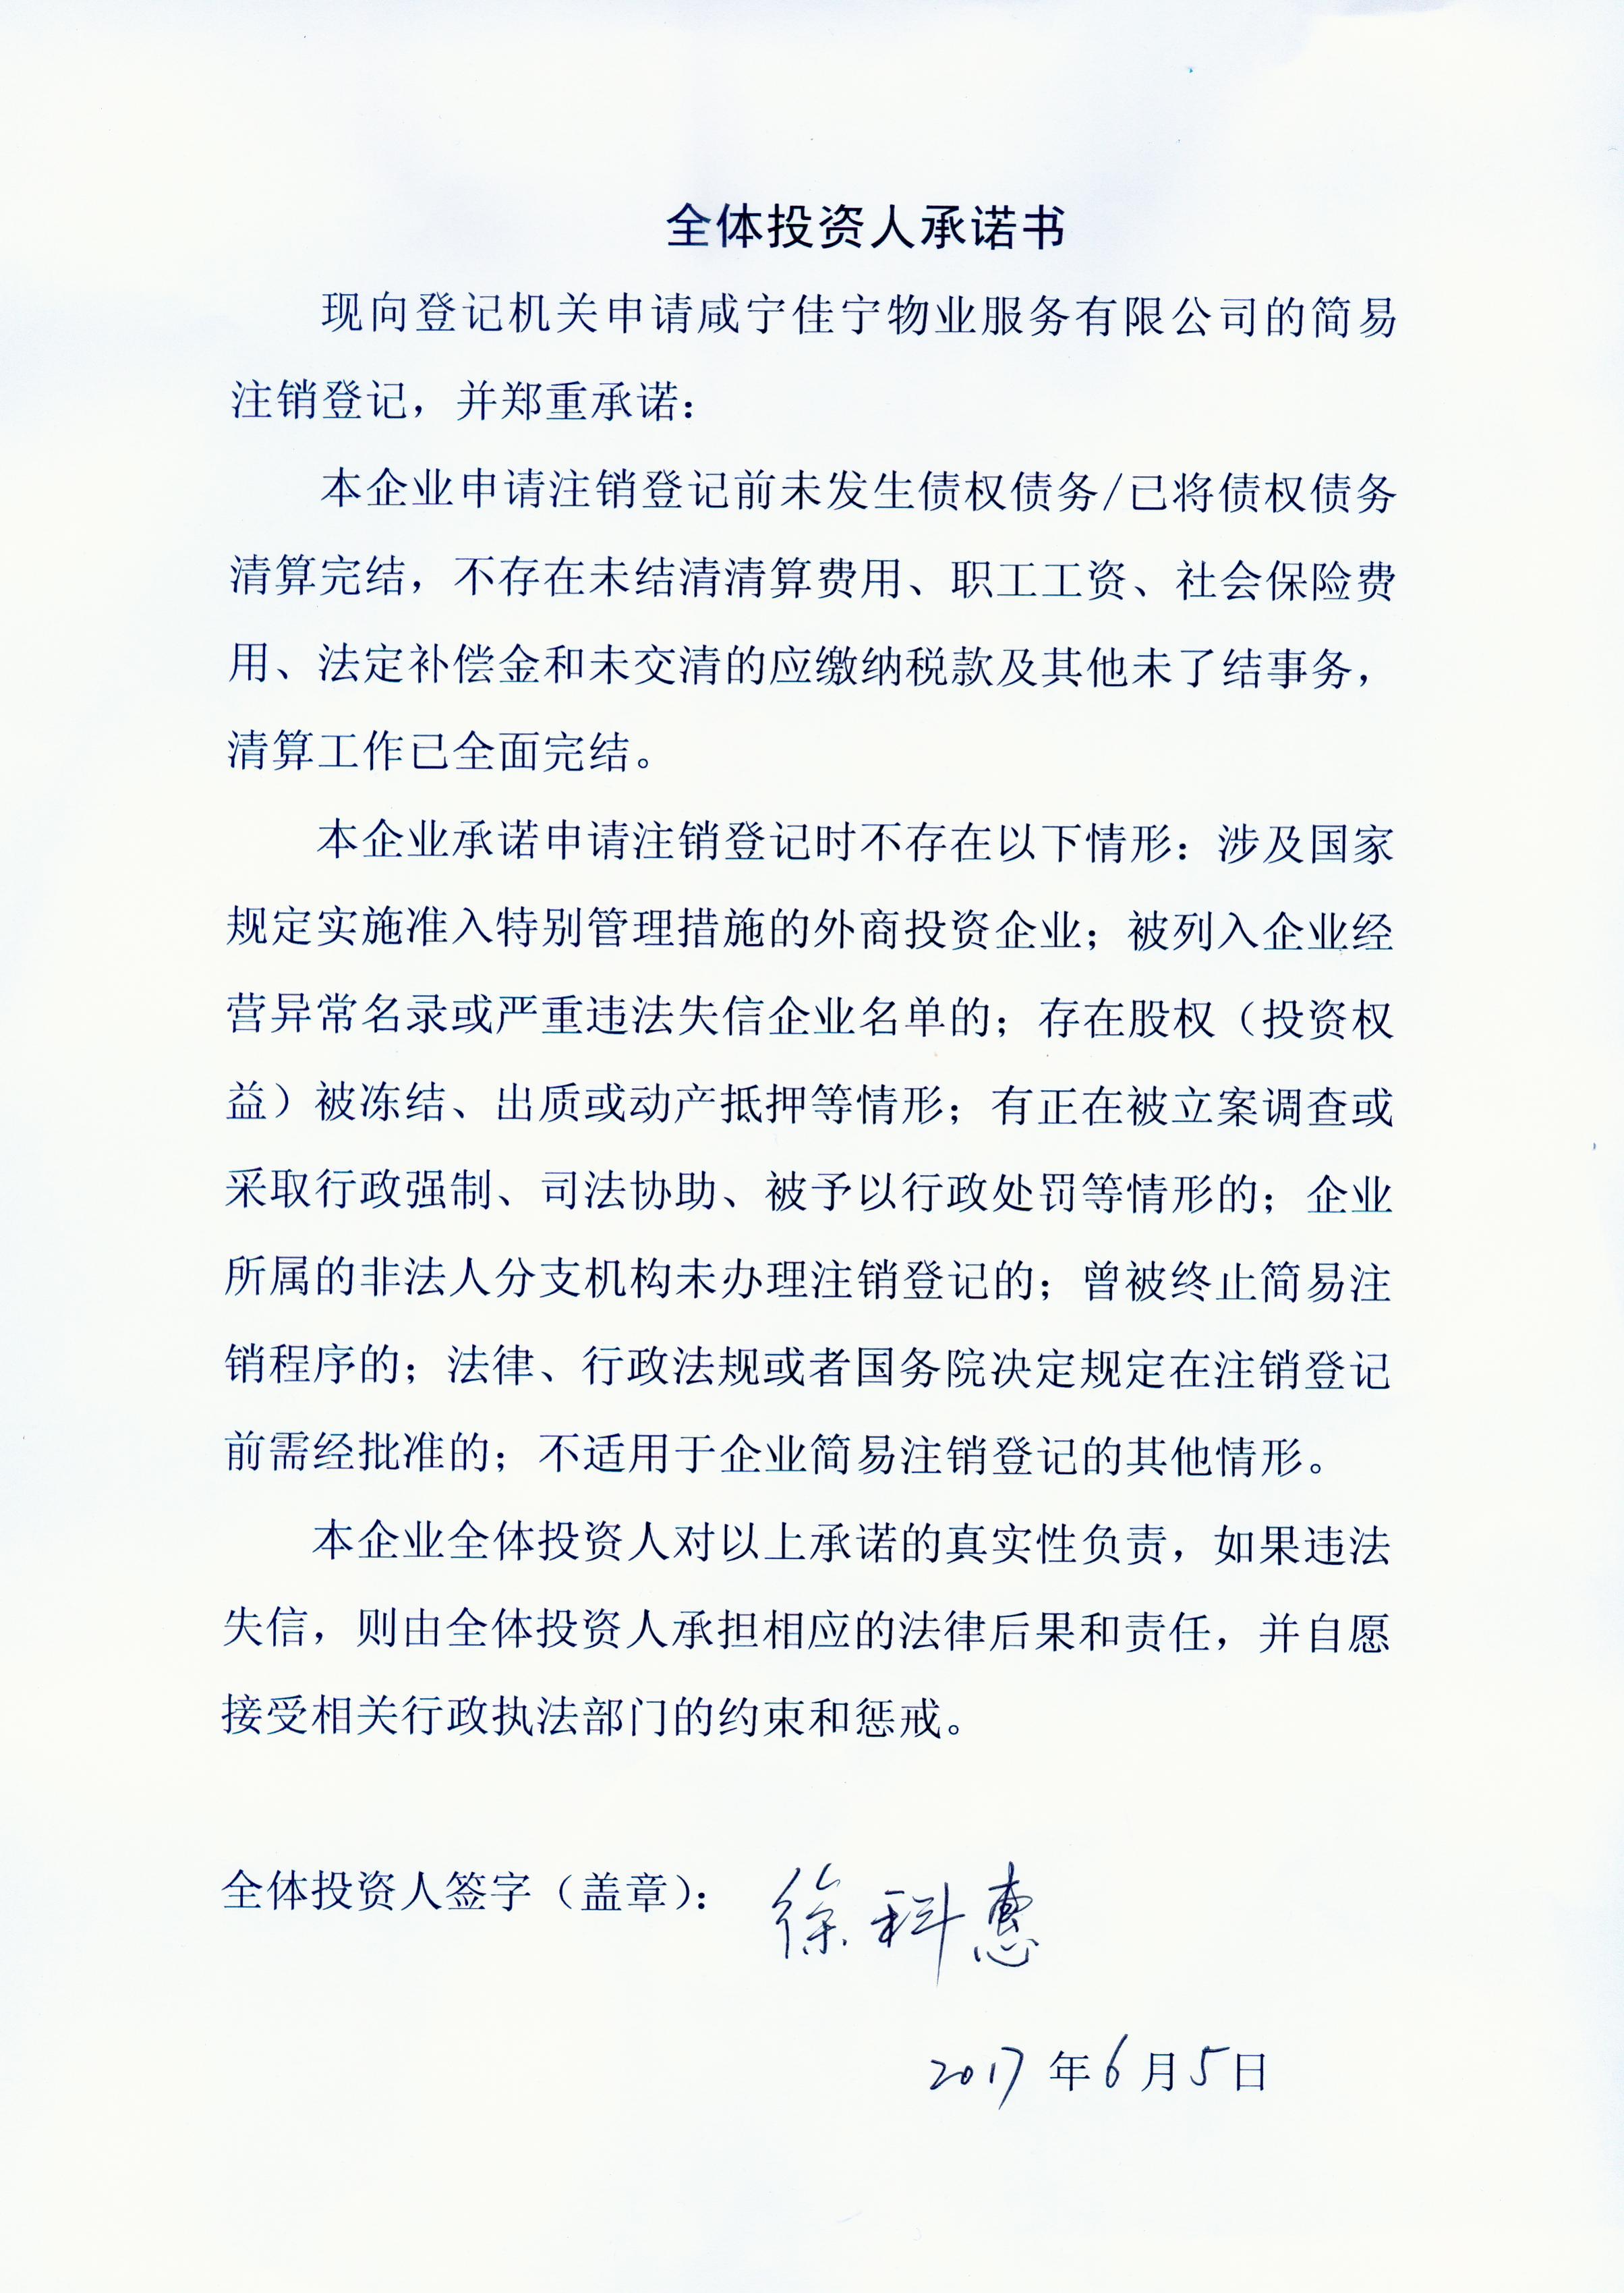 咸宁佳宁物业服务有限公司